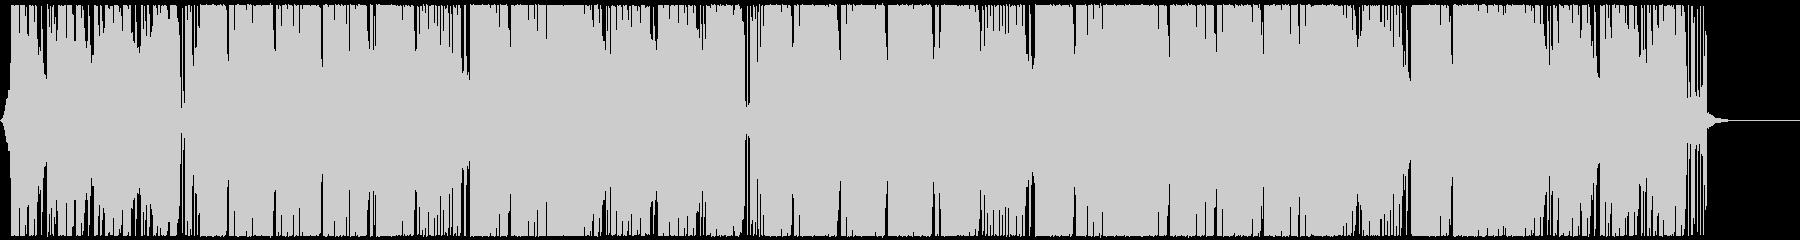 キラキラとして明るくポップなエレクトロの未再生の波形